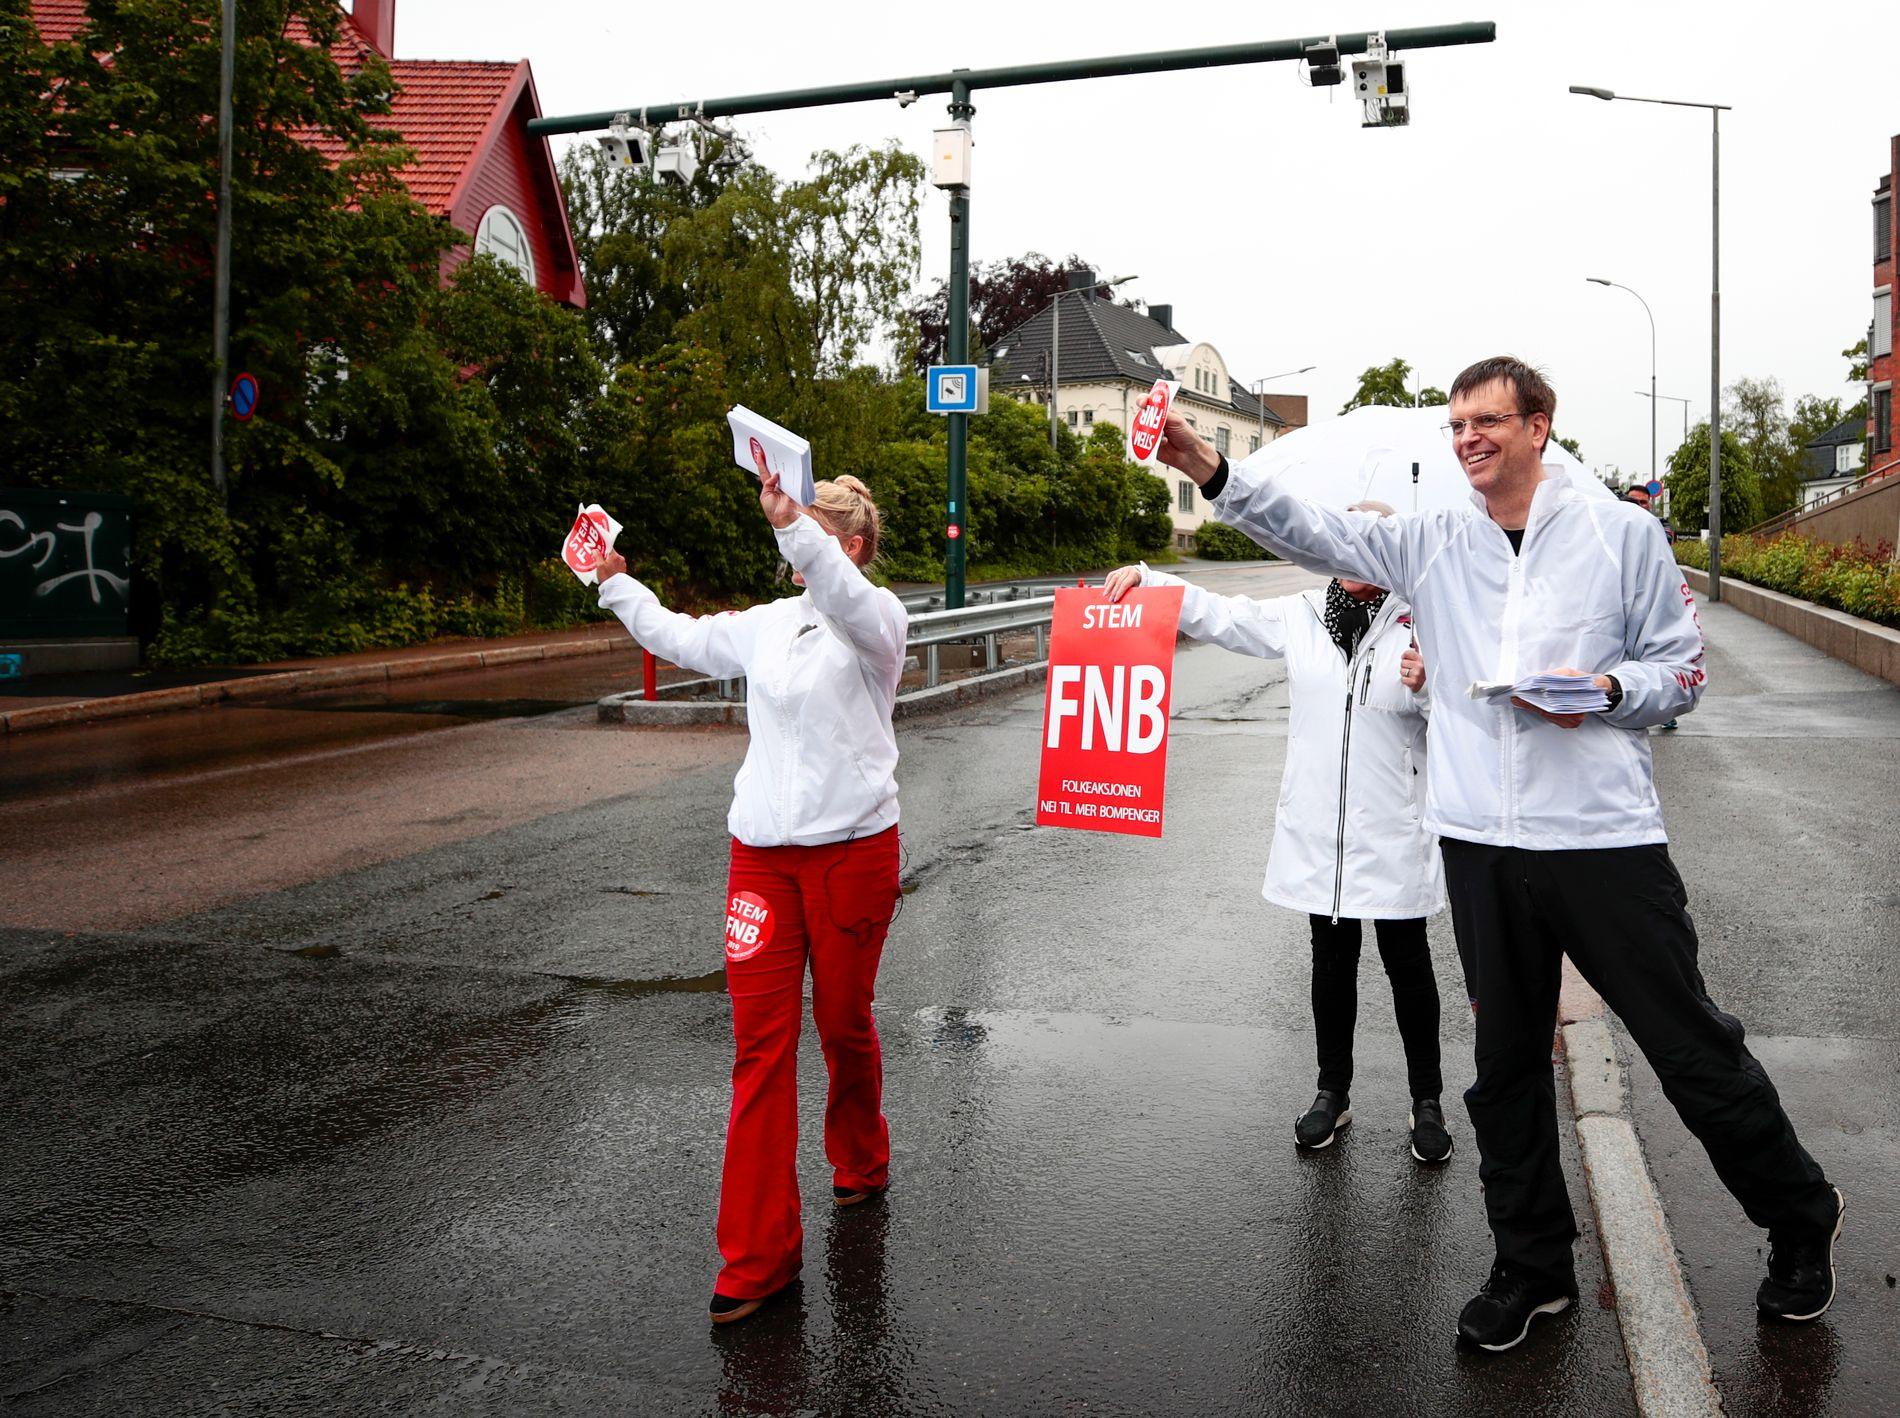 FØRSTEKANDIDAT: Bjørn Revil, til høyre, er Folkeaksjonen Nei til mer bompenger sin førstekandidat ved lokalvalget i Oslo. Her deler han ut informasjonsmateriell sammen med partikollega Cecilie Lyngby.